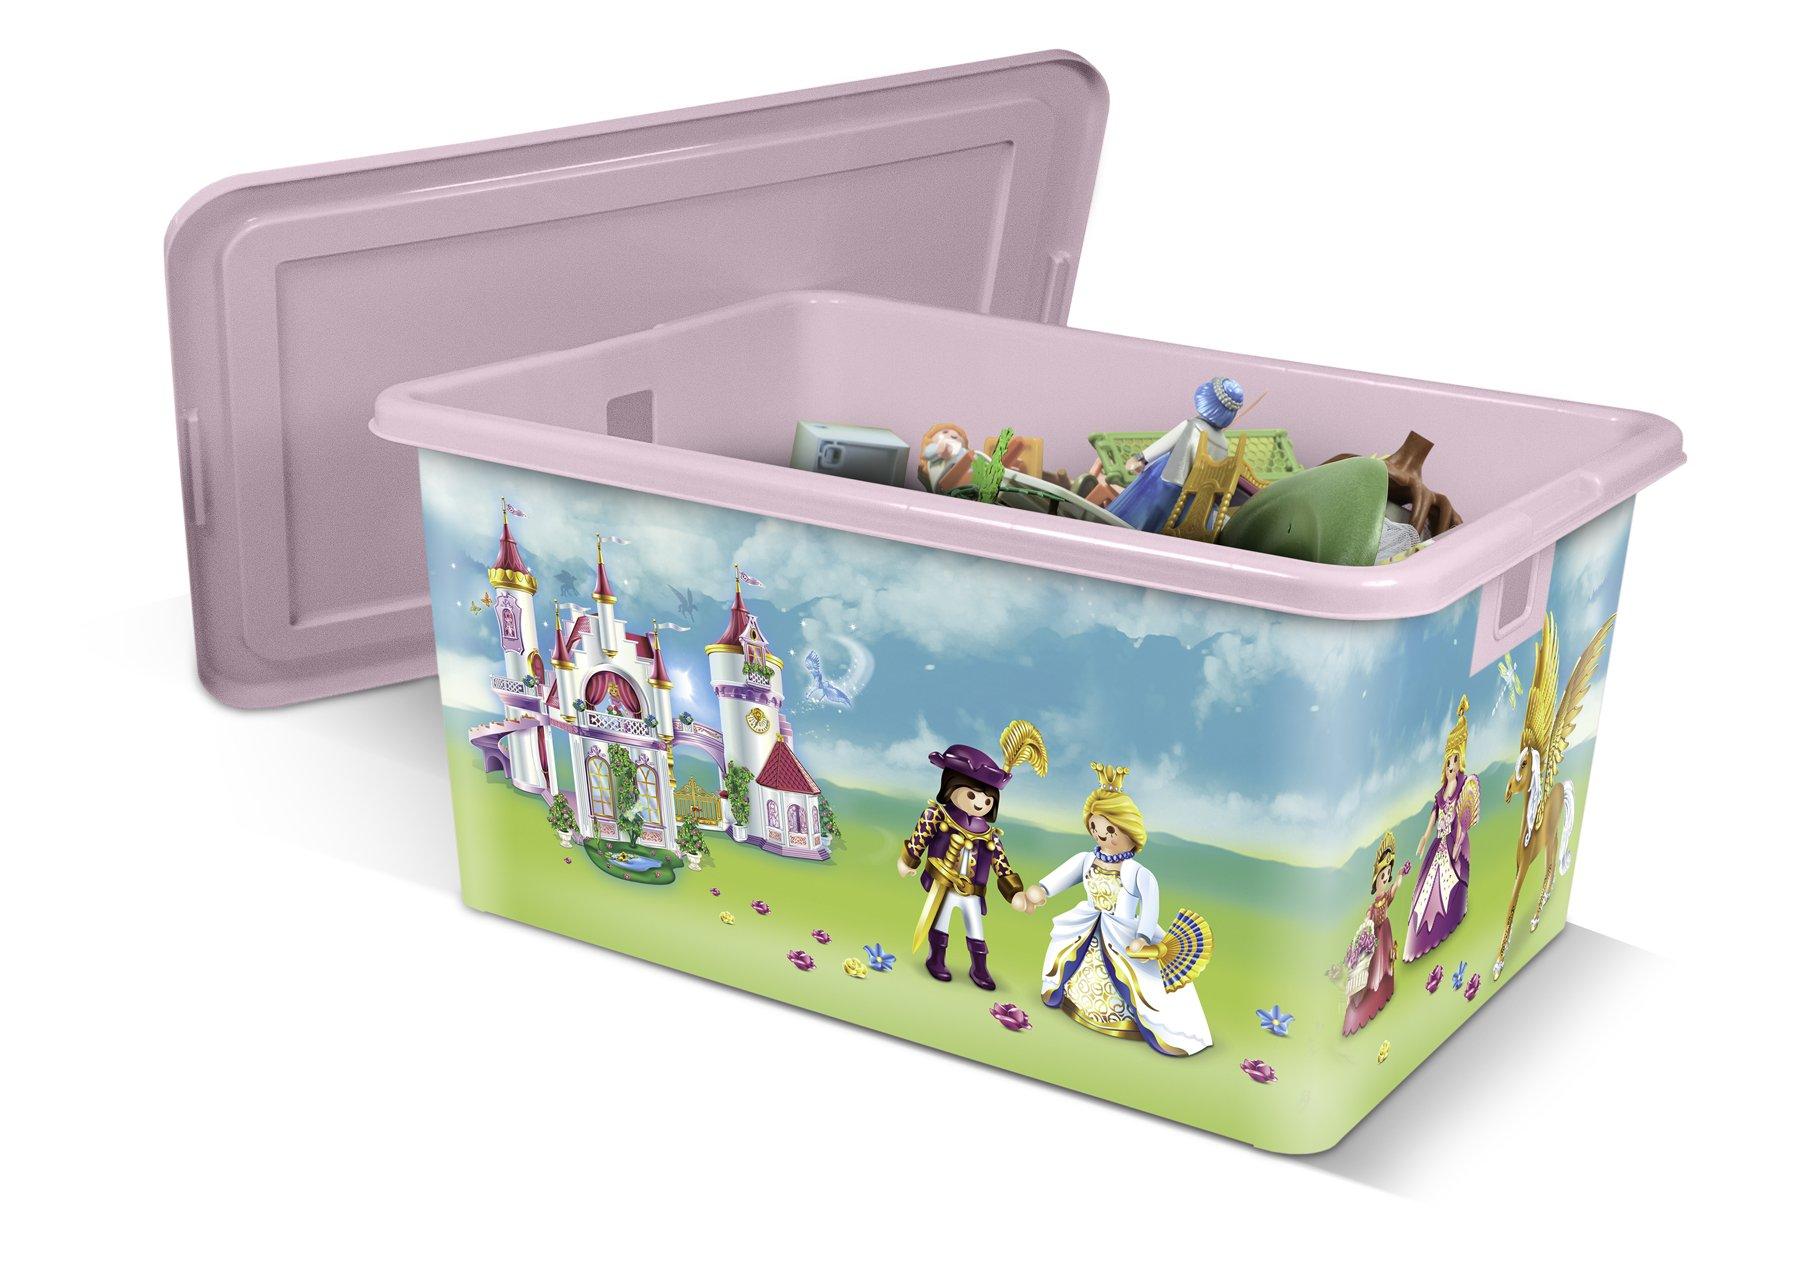 PLAYMOBIL Caja de plástico 35L Princesas: Amazon.es: Hogar